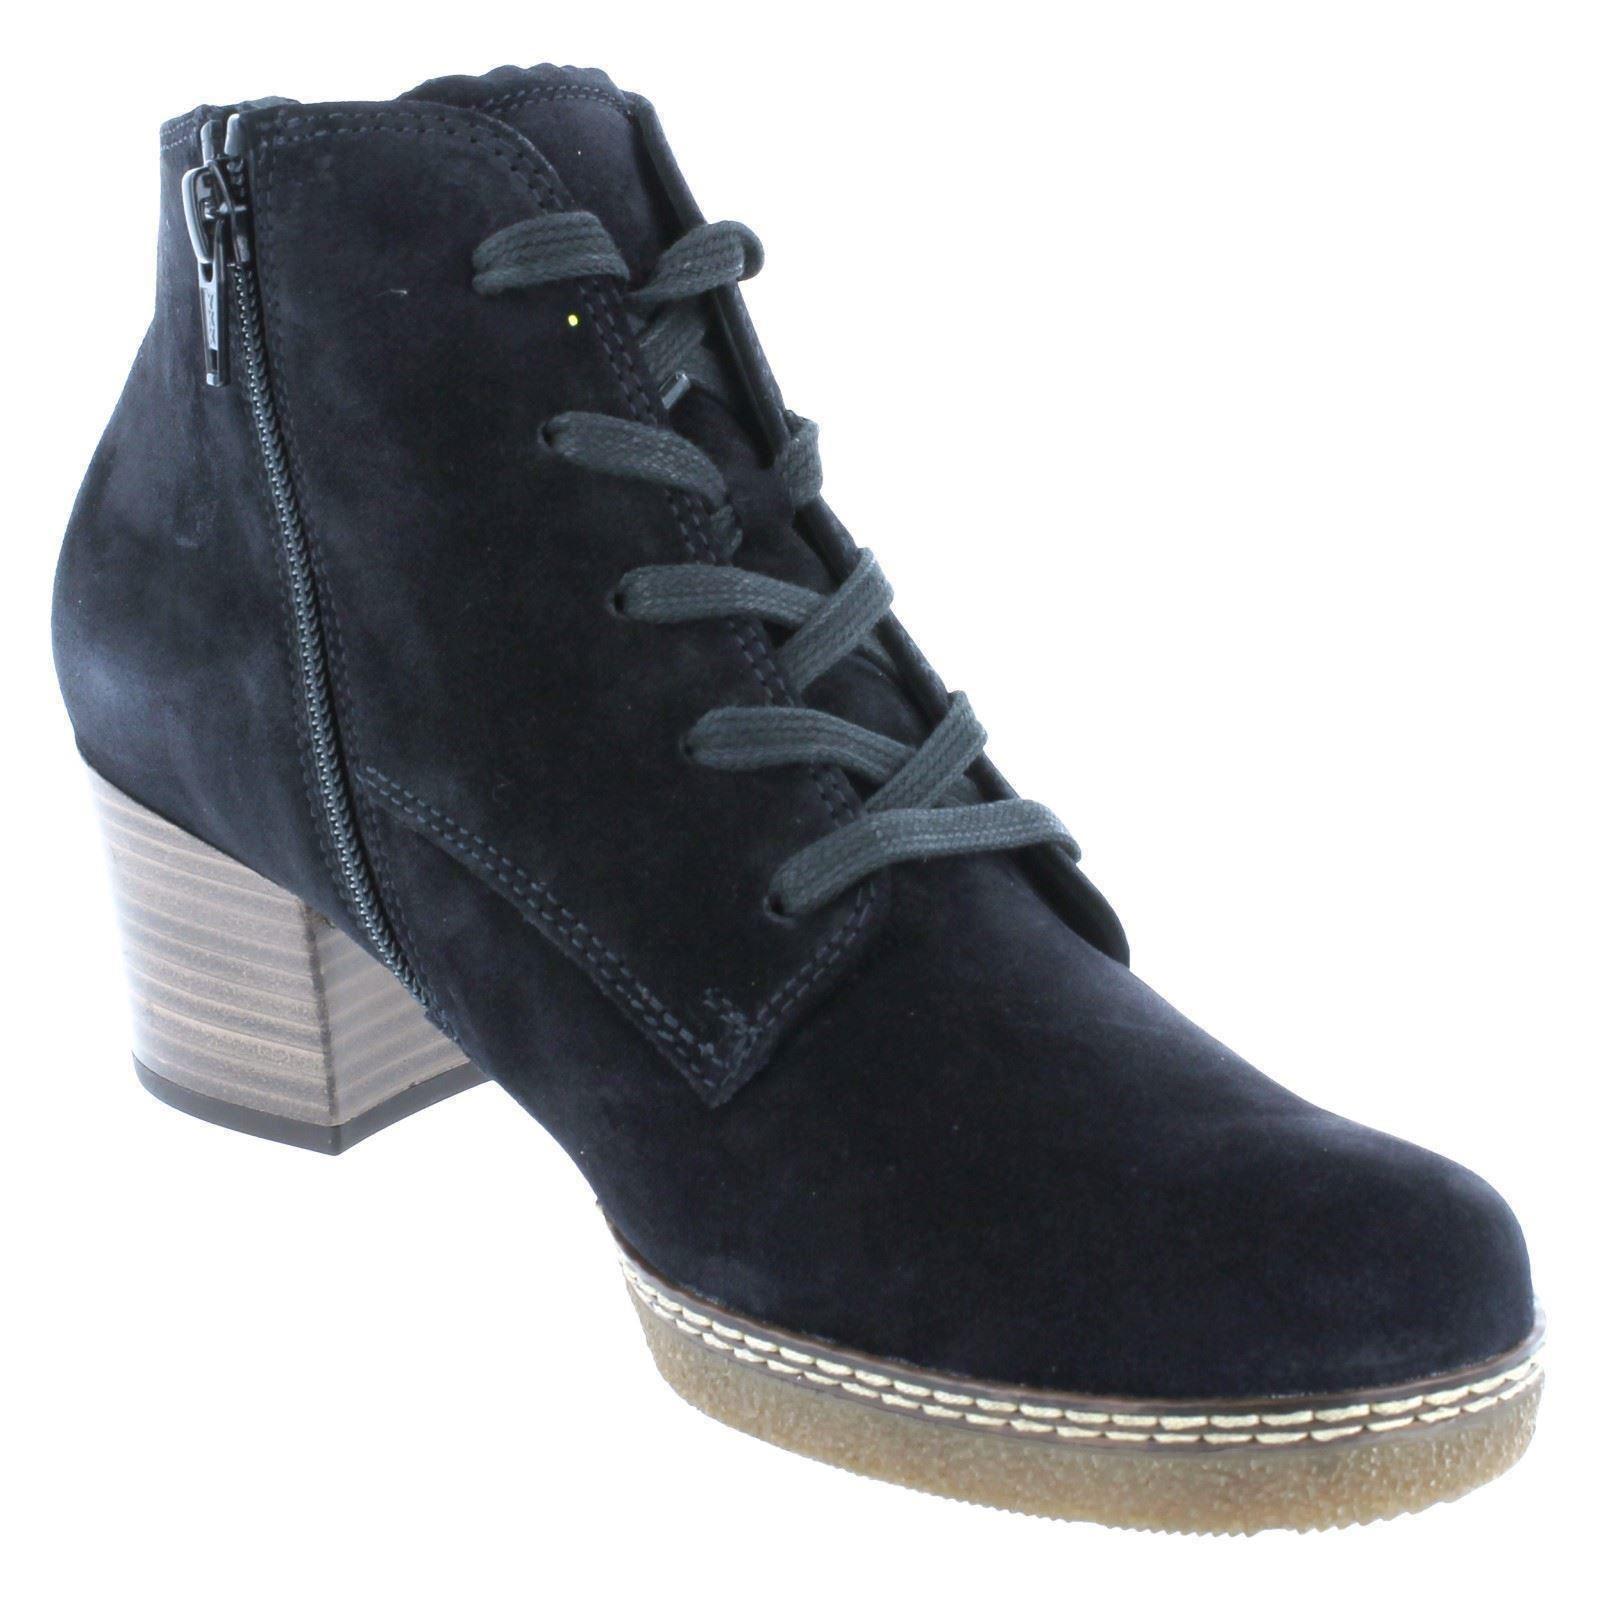 f1d9c609d77e76 Ladies Gabor Ankle Boots  96660